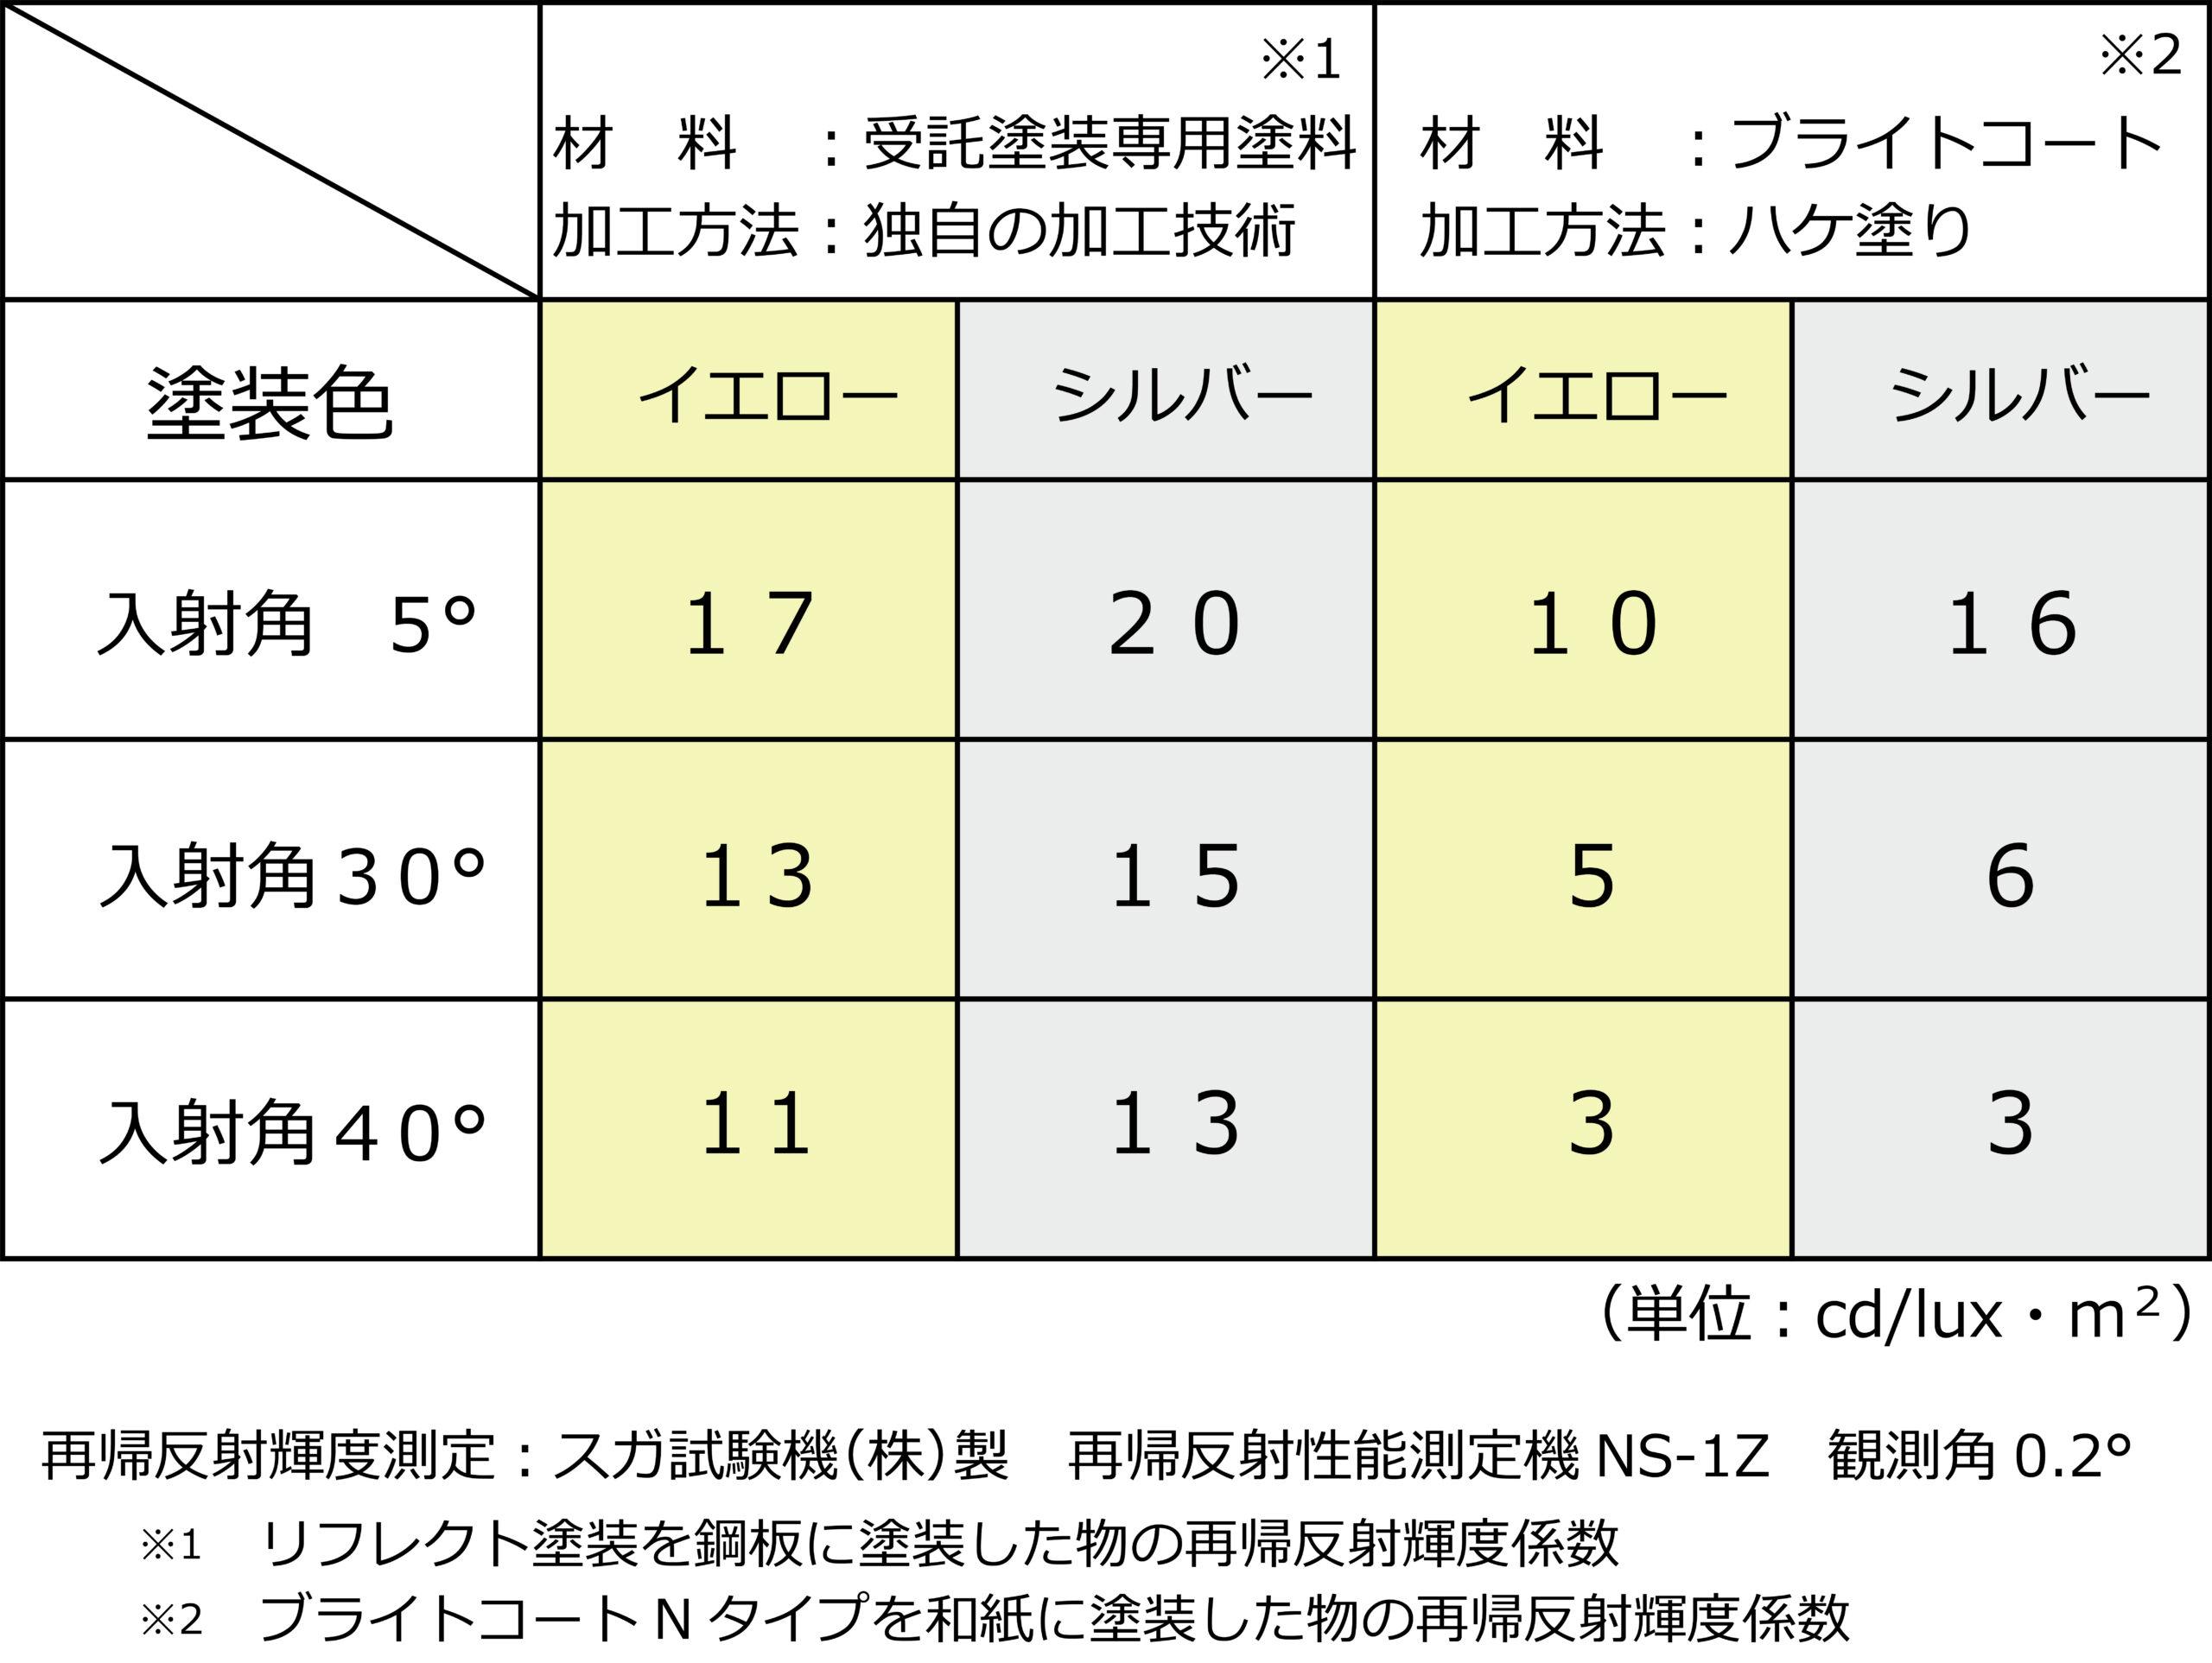 輝度を測定した結果。<br /> 数値上でも反射性能の差がよくわかります。